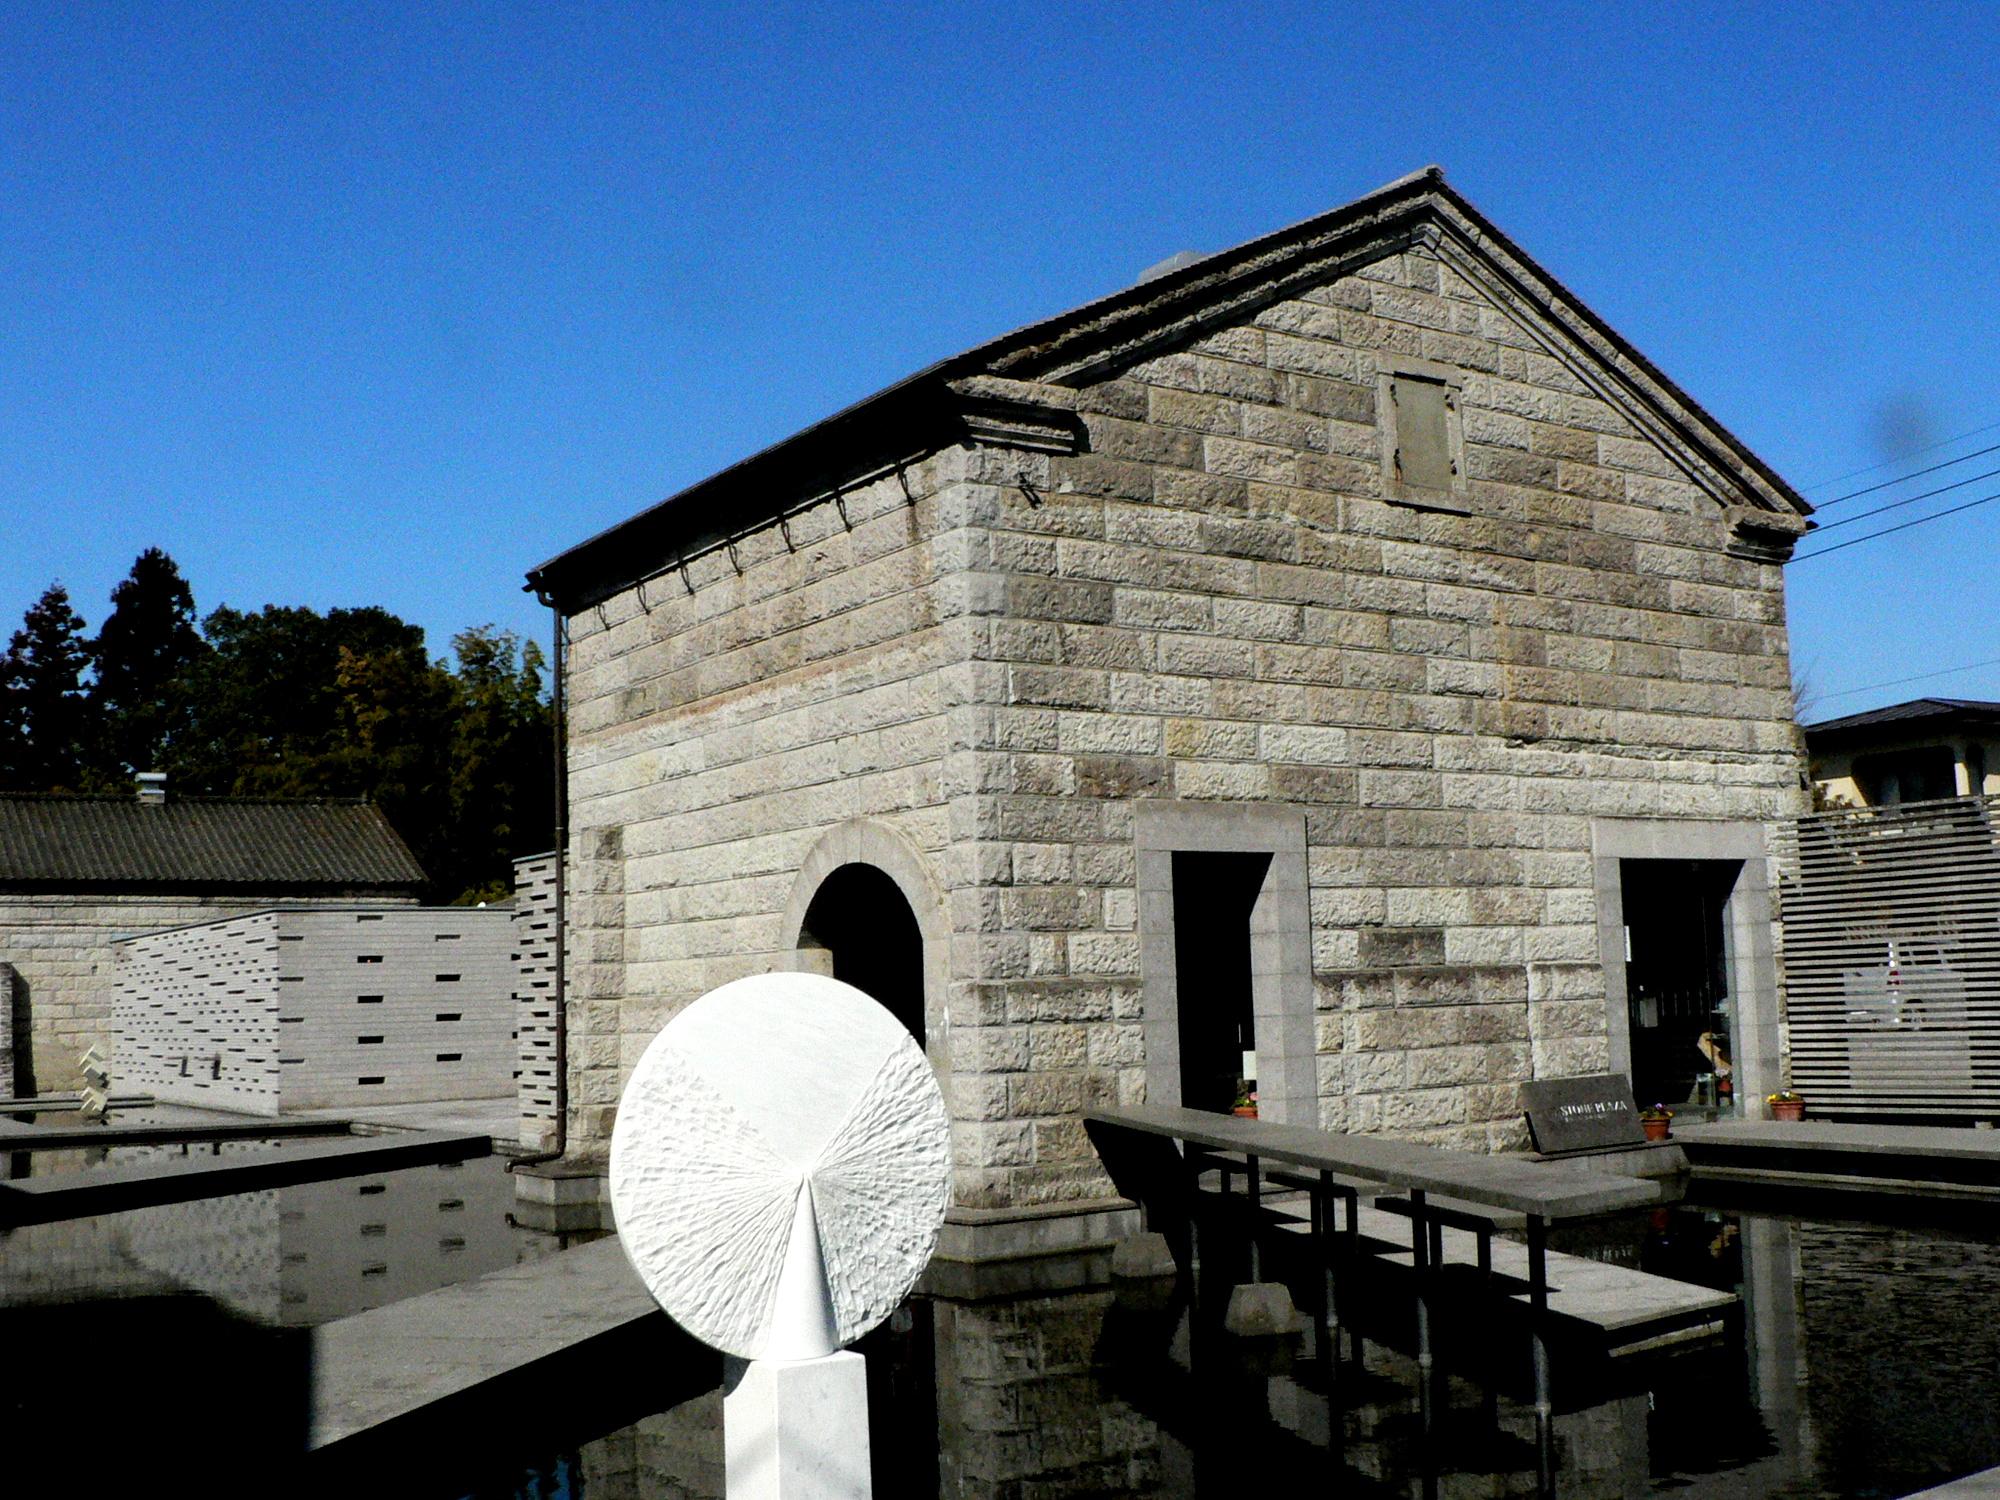 那須芦野ストーンプラザの石蔵(エントランスホール)